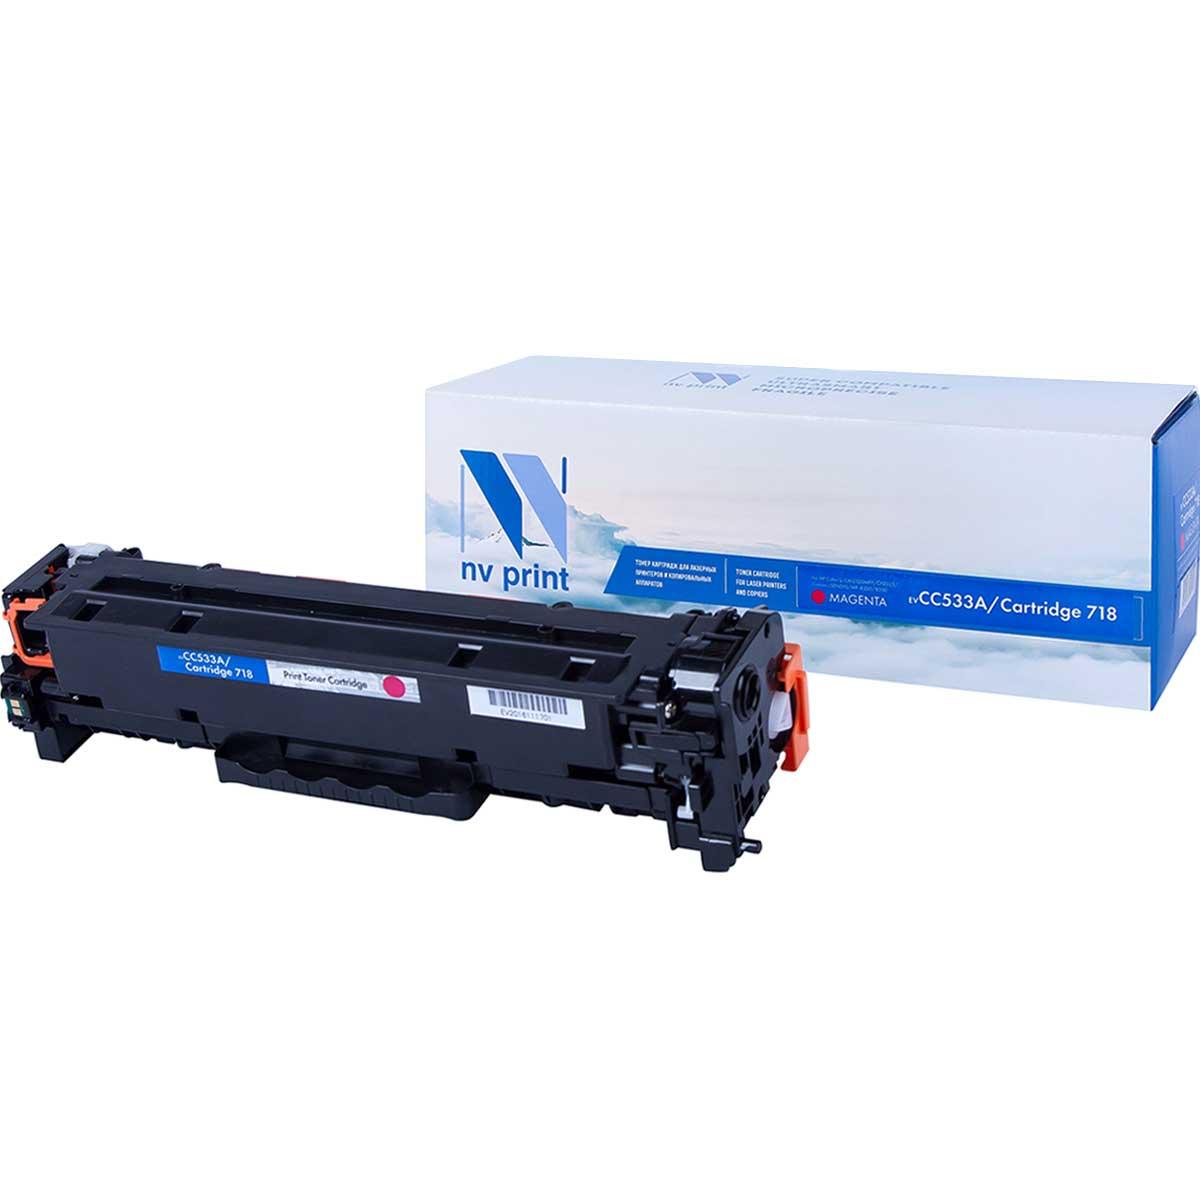 Картридж для лазерного принтера NV Print CC533A/718M, пурпурный NV-CC533A/718M